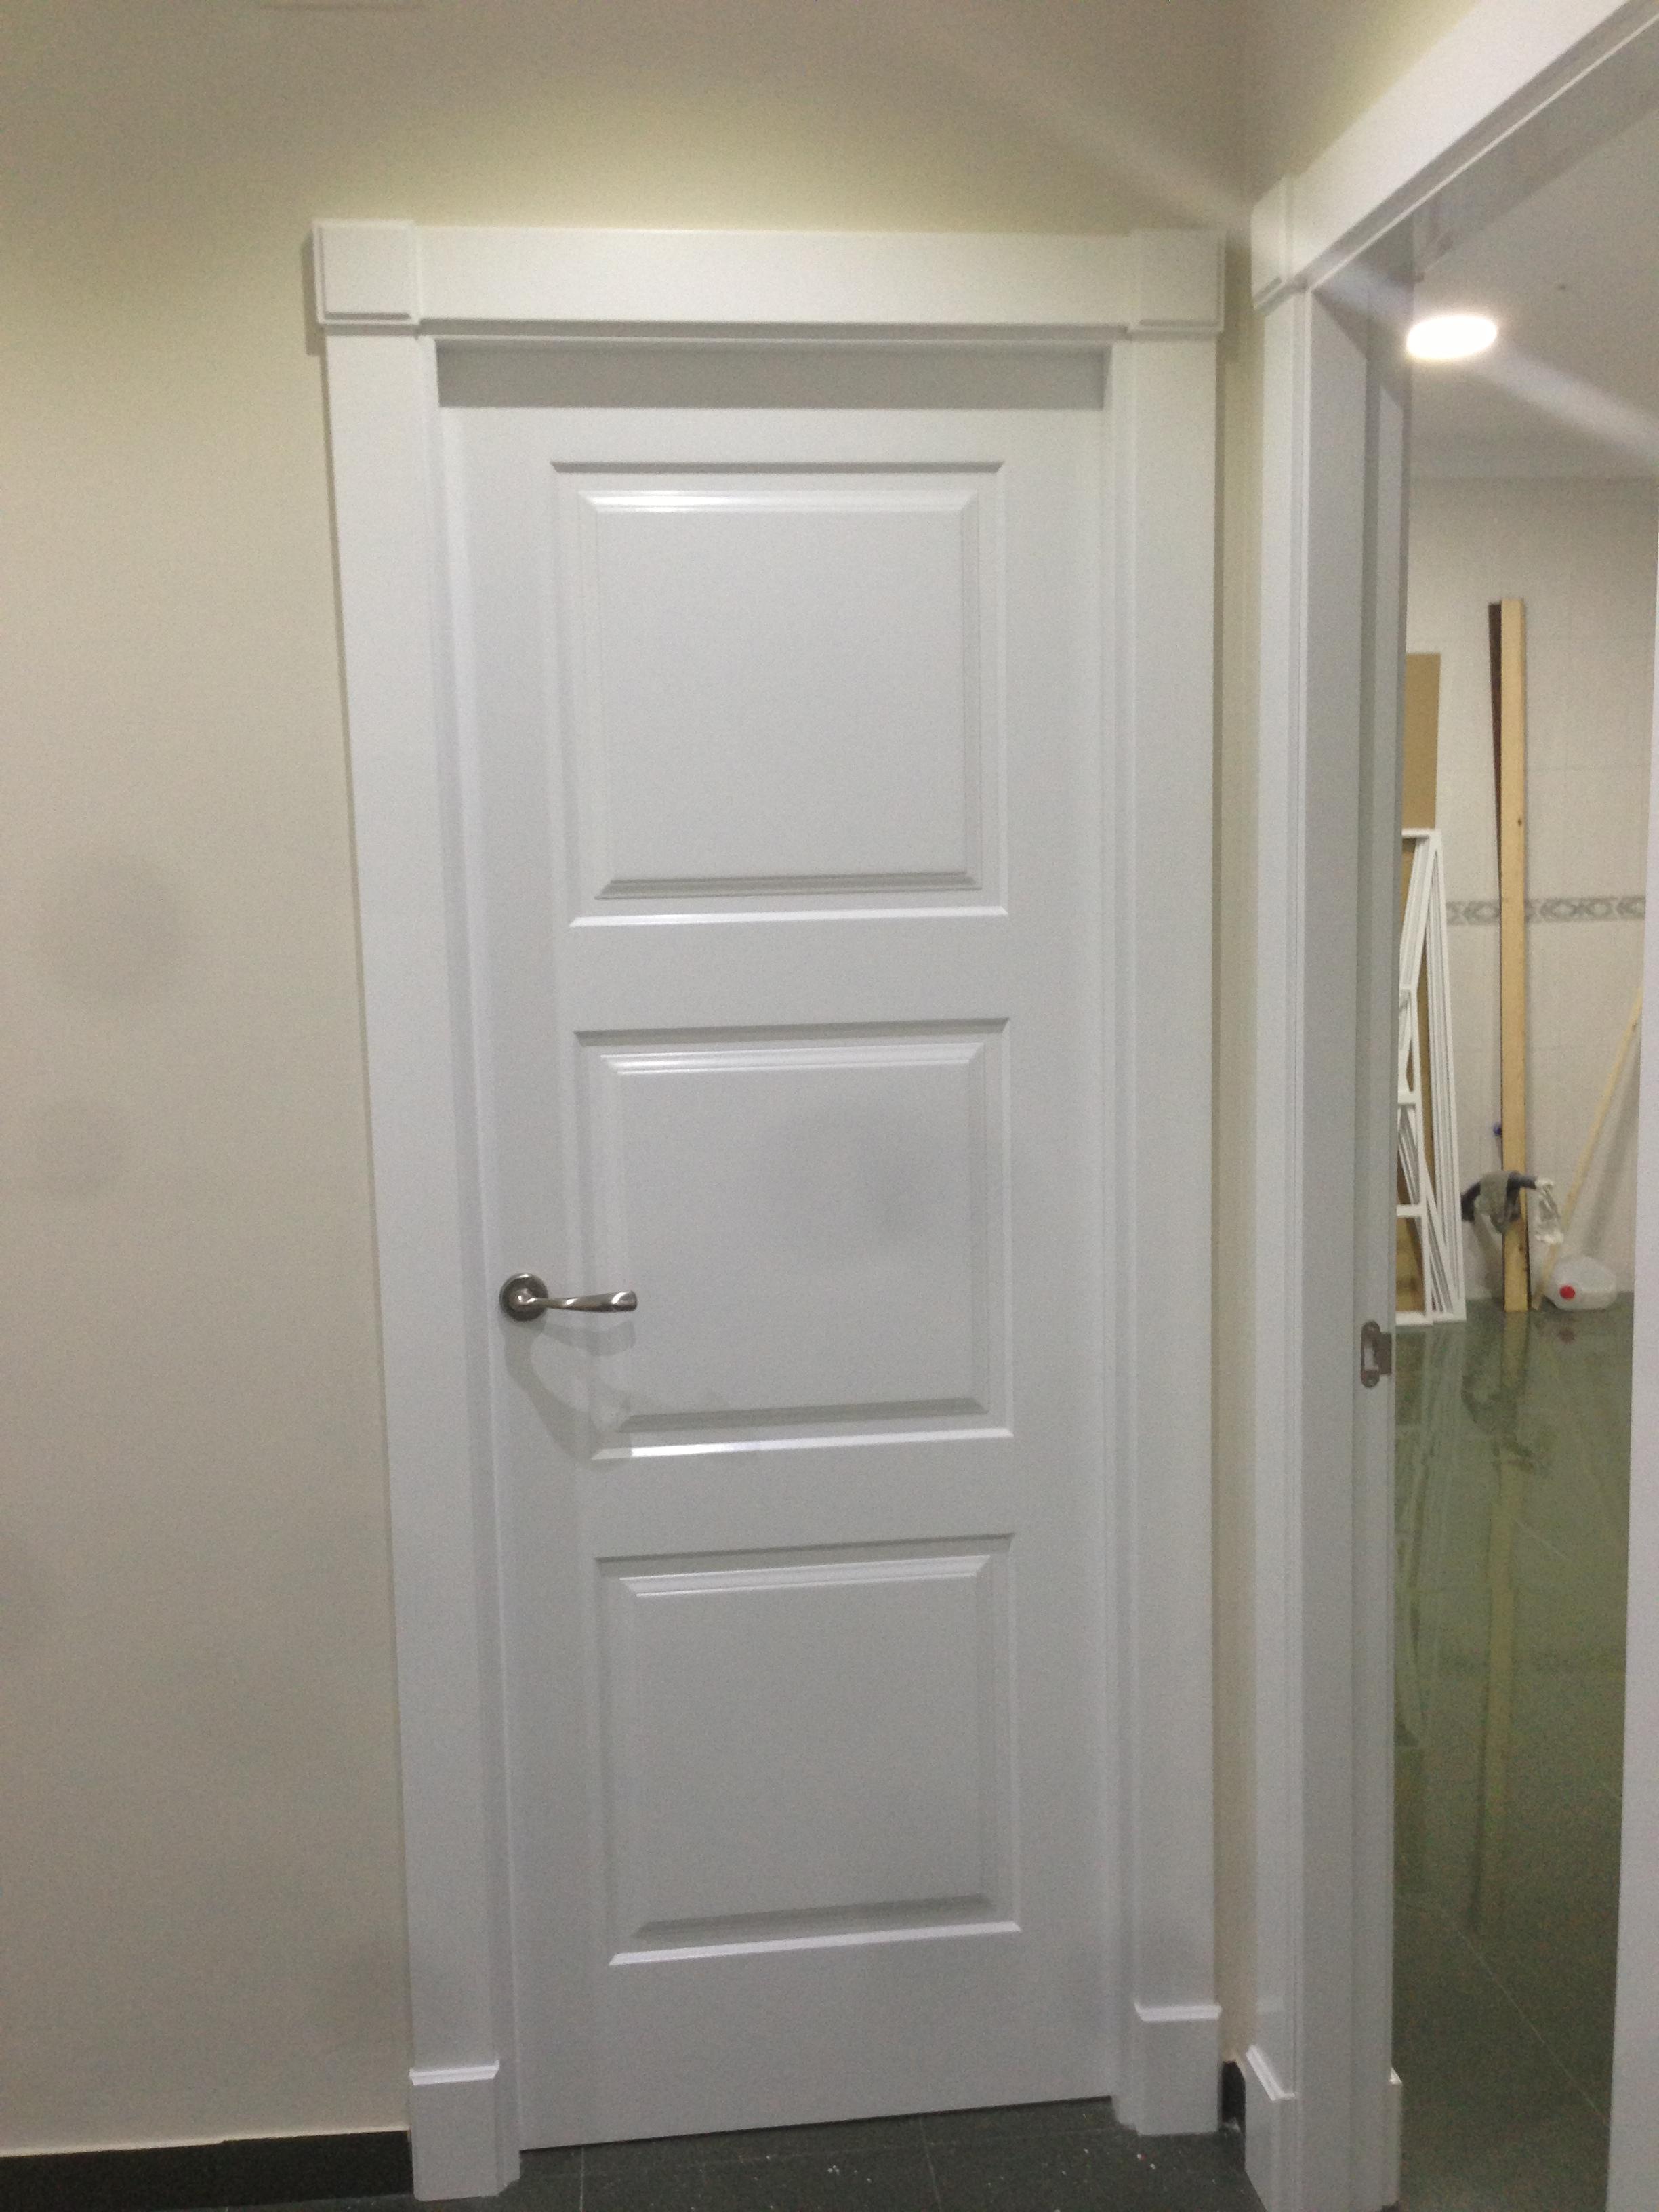 Puertas lacado alta calidad madrid puertas innova s l u for Puertas rusticas de interior baratas